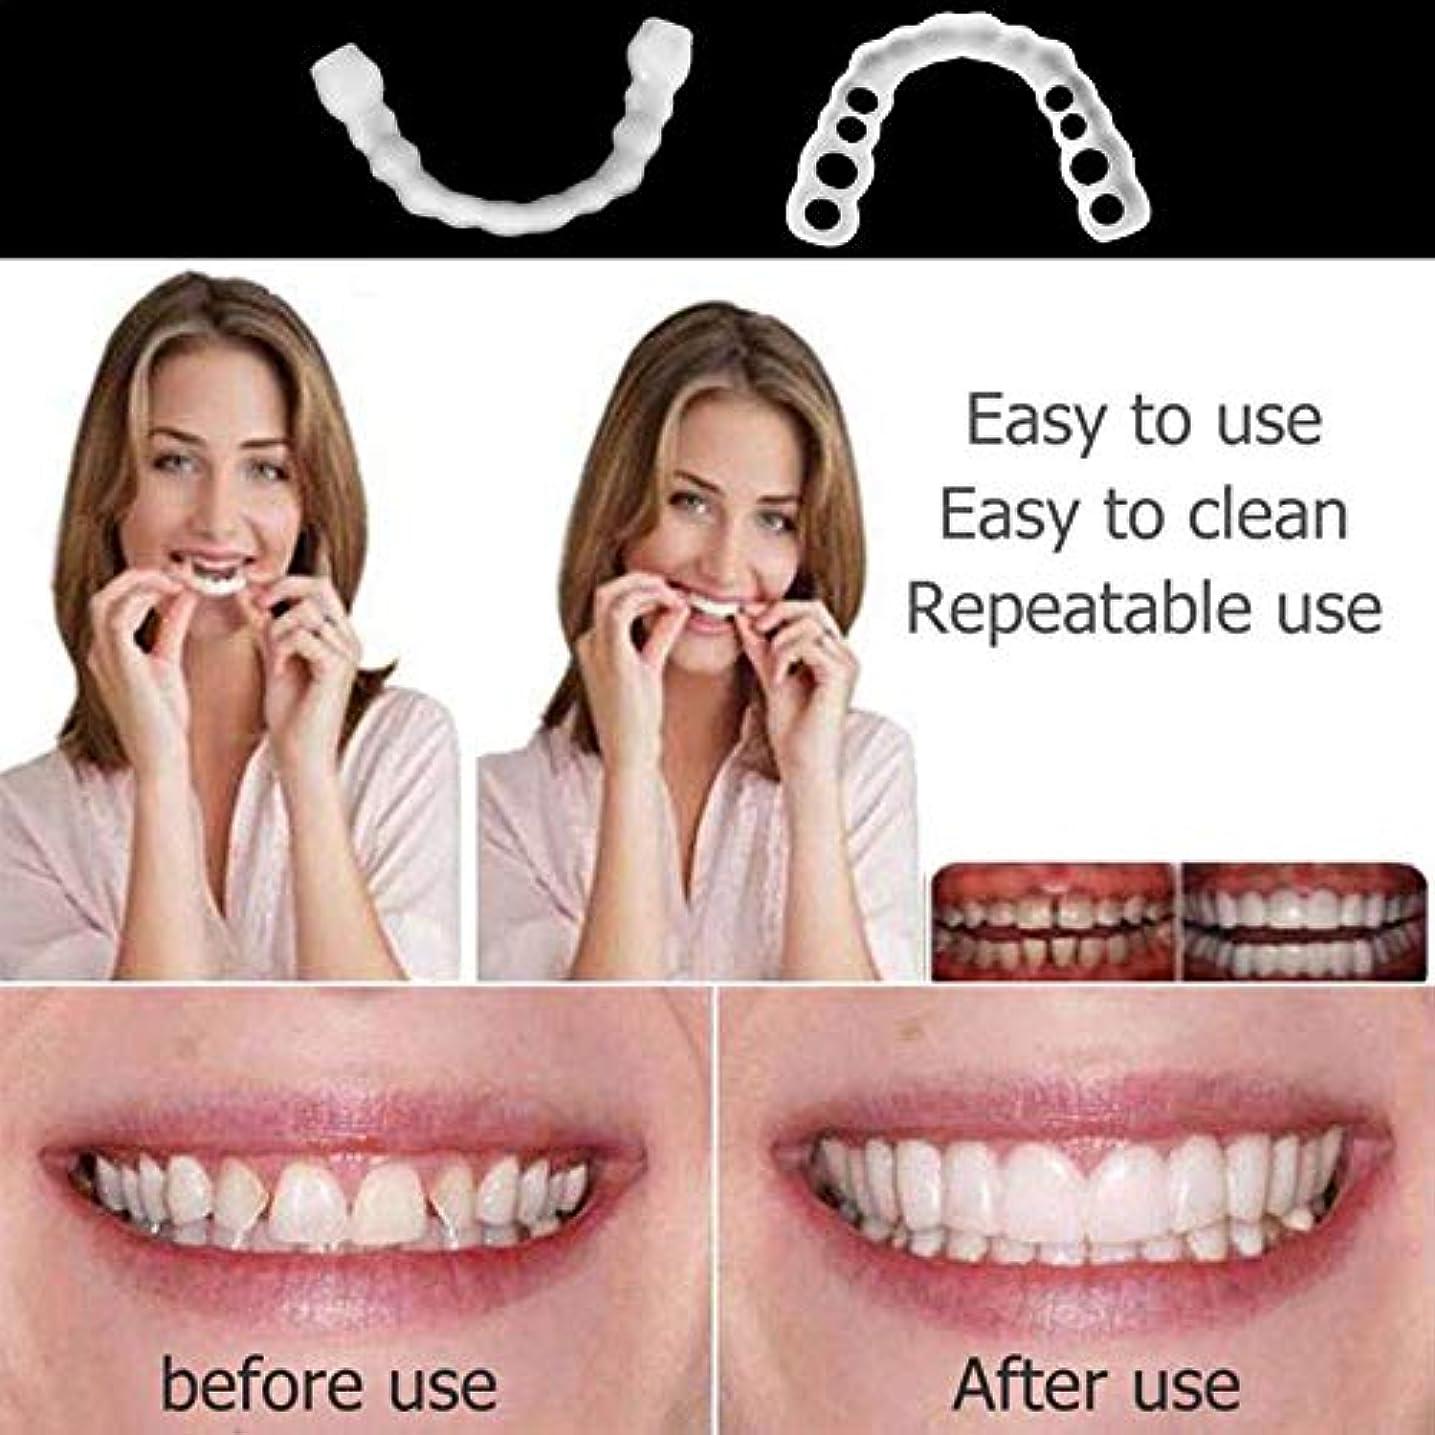 何でもブロッサム5ピースシリコンアッパー偽の歯偽歯カバーホワイトニング義歯口腔ケア歯ホワイトニング2019歯科口腔ケア